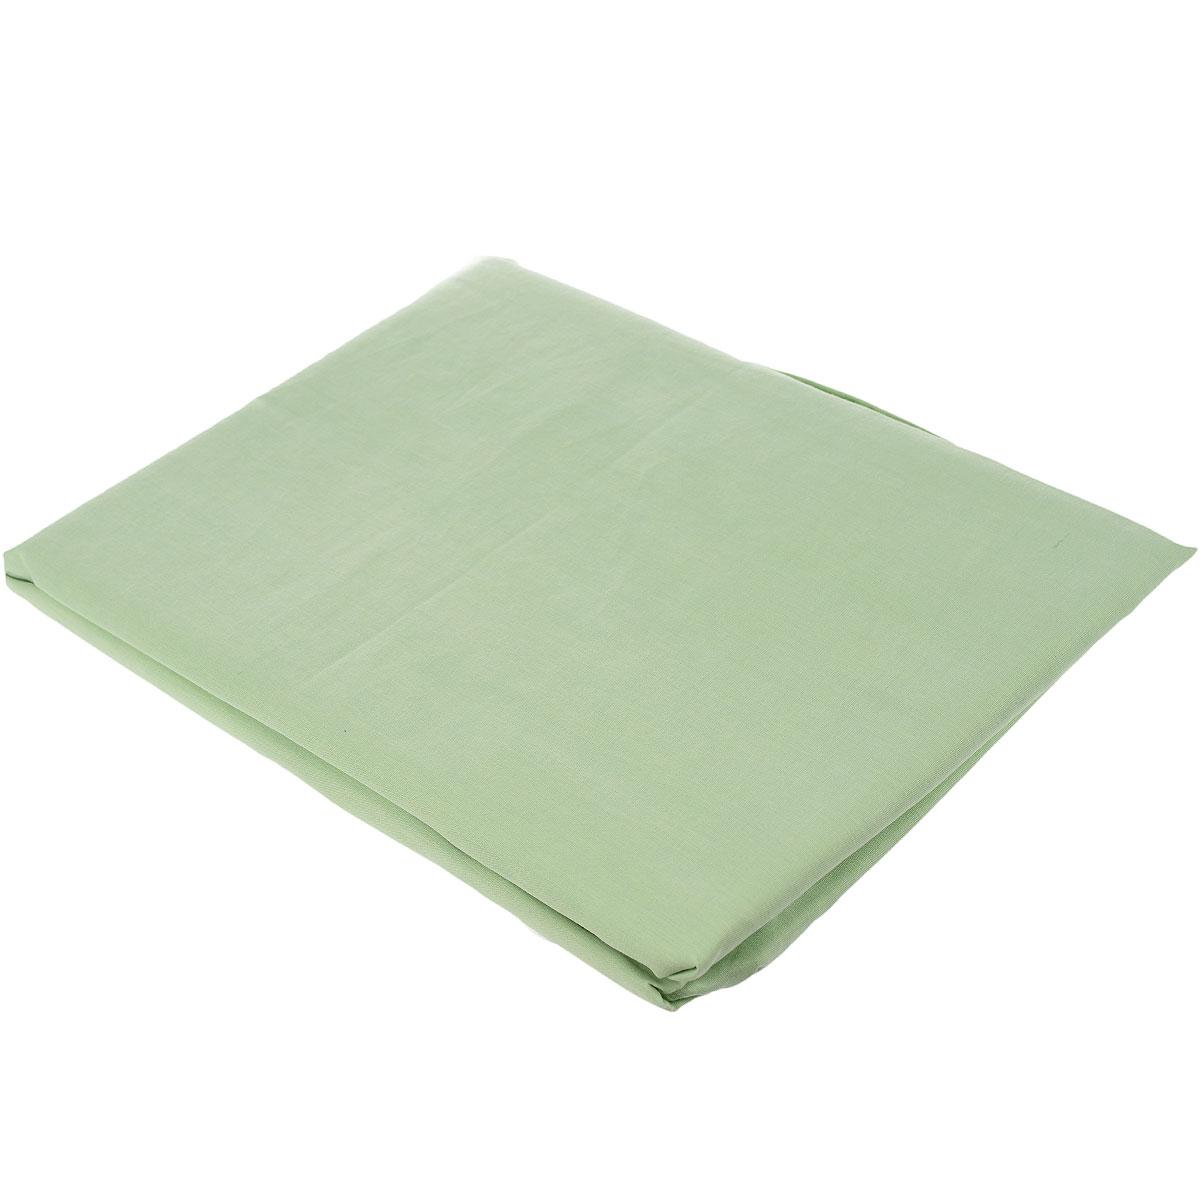 Простыня на резинке Style, цвет: зеленый, 180 см х 200 см. 114911407114911407Однотонная простыня Style изготовлена из натурального хлопка абсолютно безопасна даже для самых маленьких членов семьи. Она обладает высокой плотностью, необычайной мягкостью и шелковистостью. Простыня из такого хлопка выдержит большое количество стирок и не потеряет цвет. Выбрав простыню нужной вам расцветки, вы можете легко комбинировать ее с различным постельным бельем.